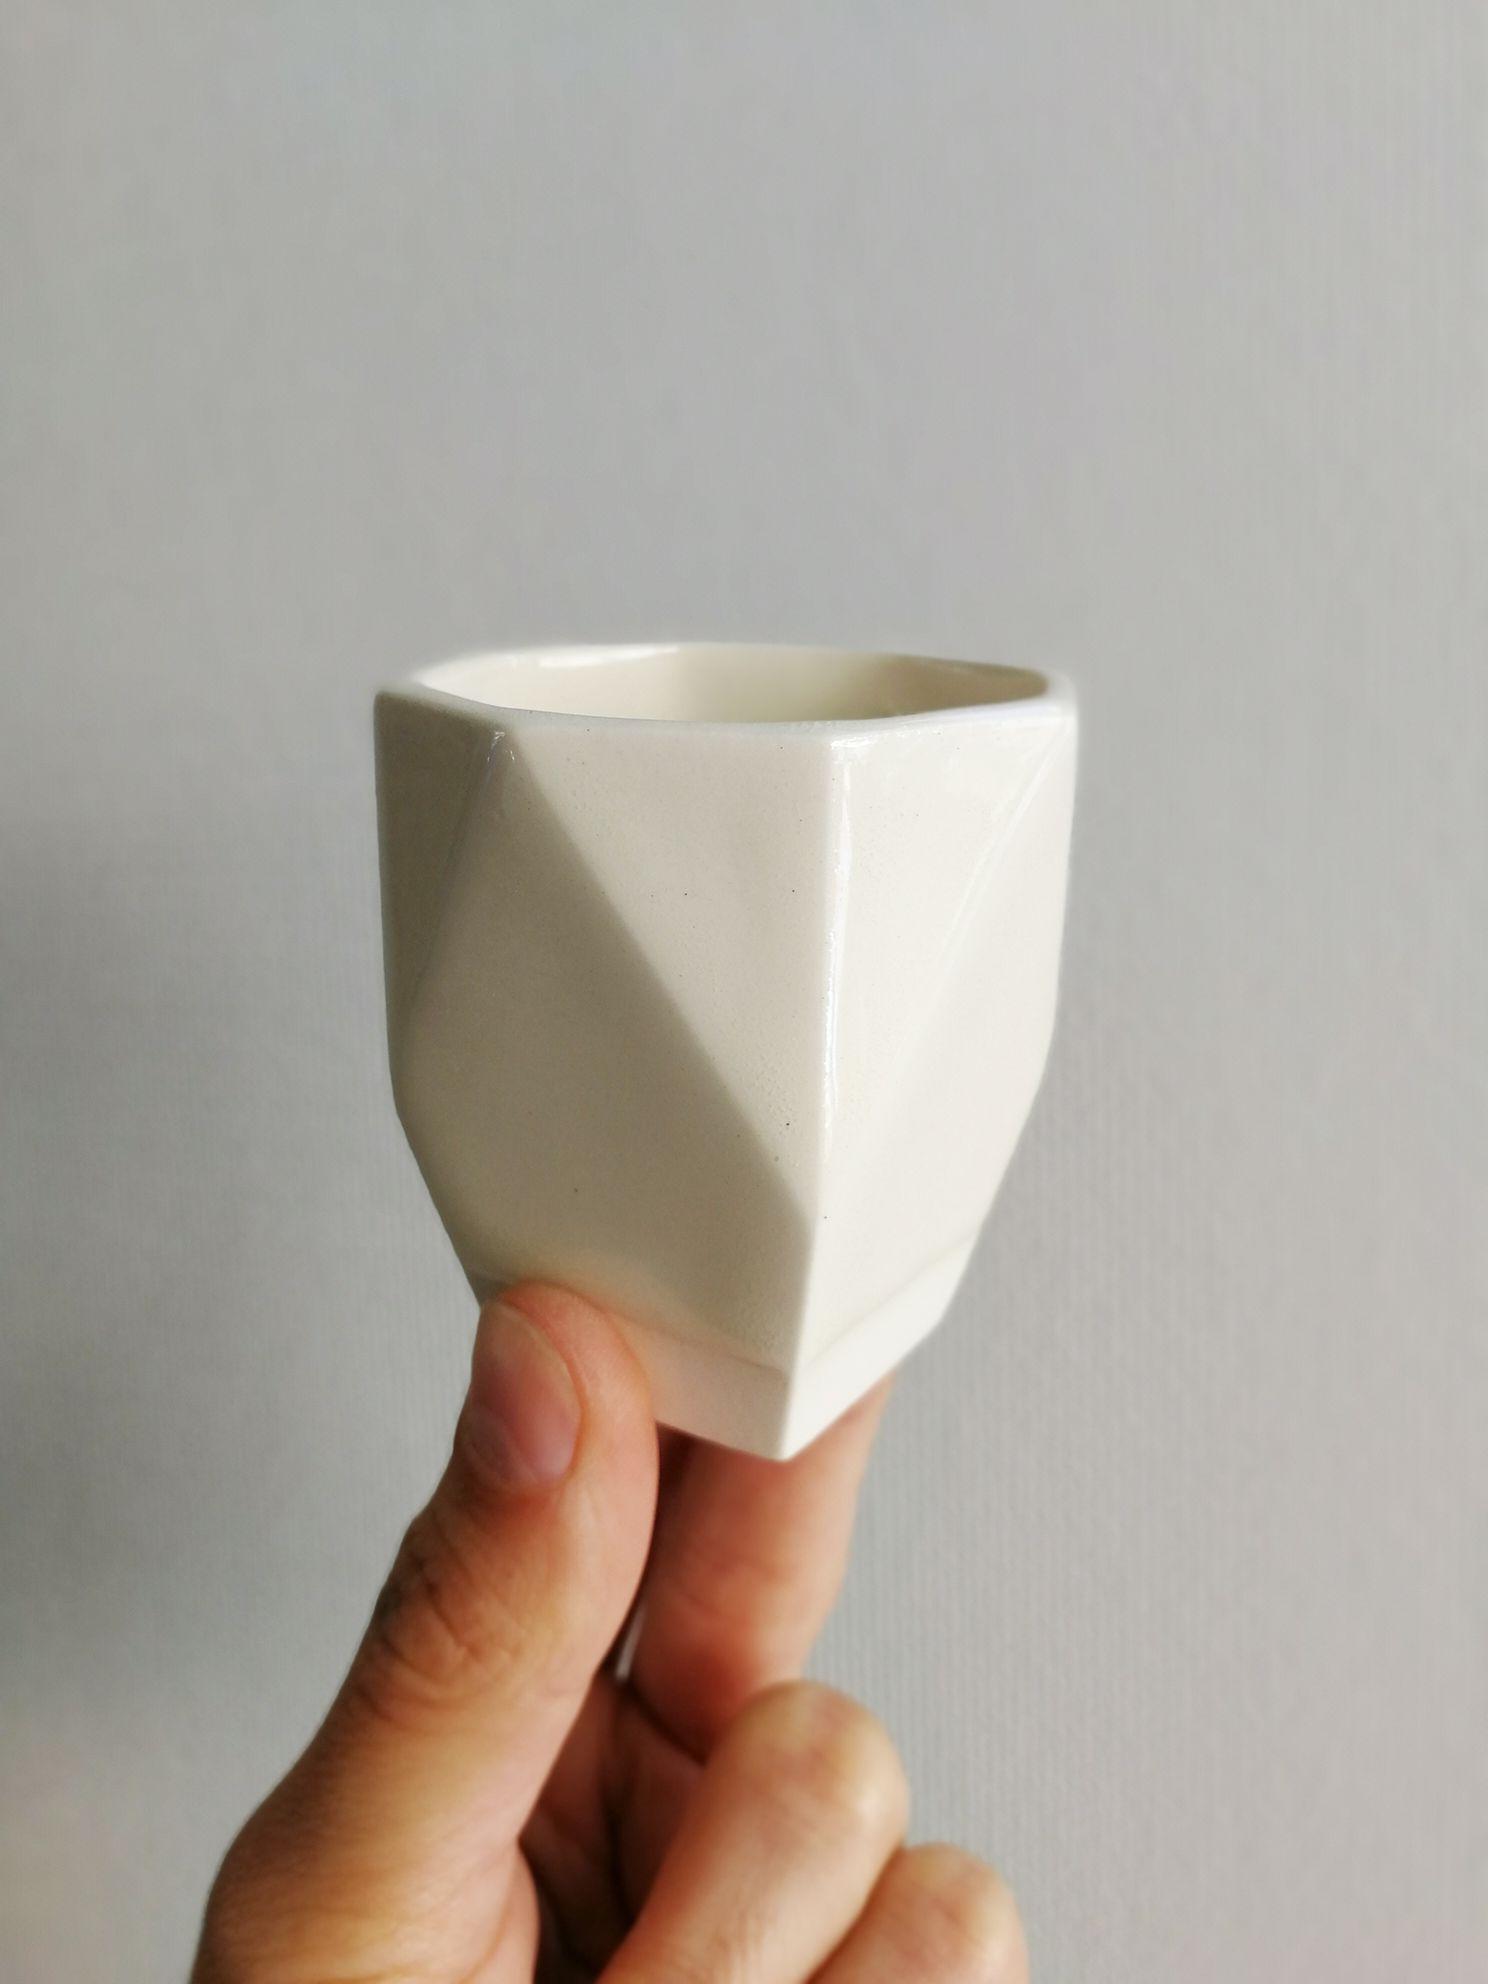 Vaso Hexagonal Ceramica Gres Tamaño Espresso Original